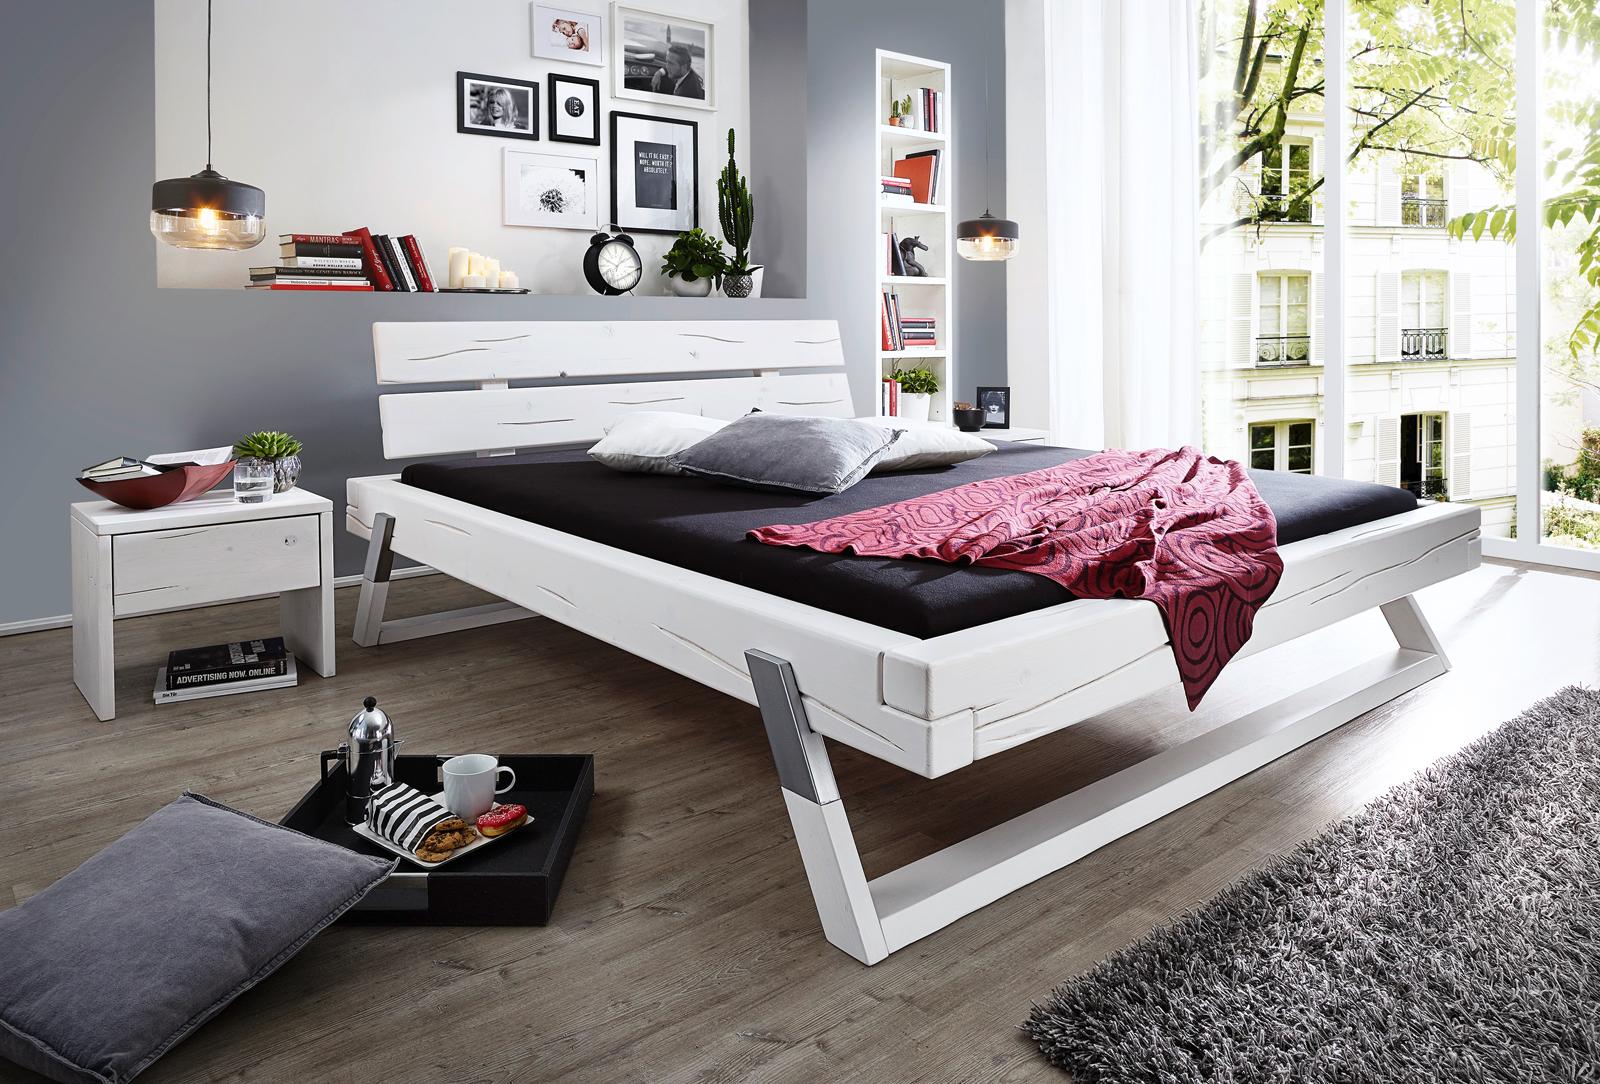 Balkenbett fichte  SAM® Balkenbett Massivholzbett Fichte weiß 180 x 200 cm Boris